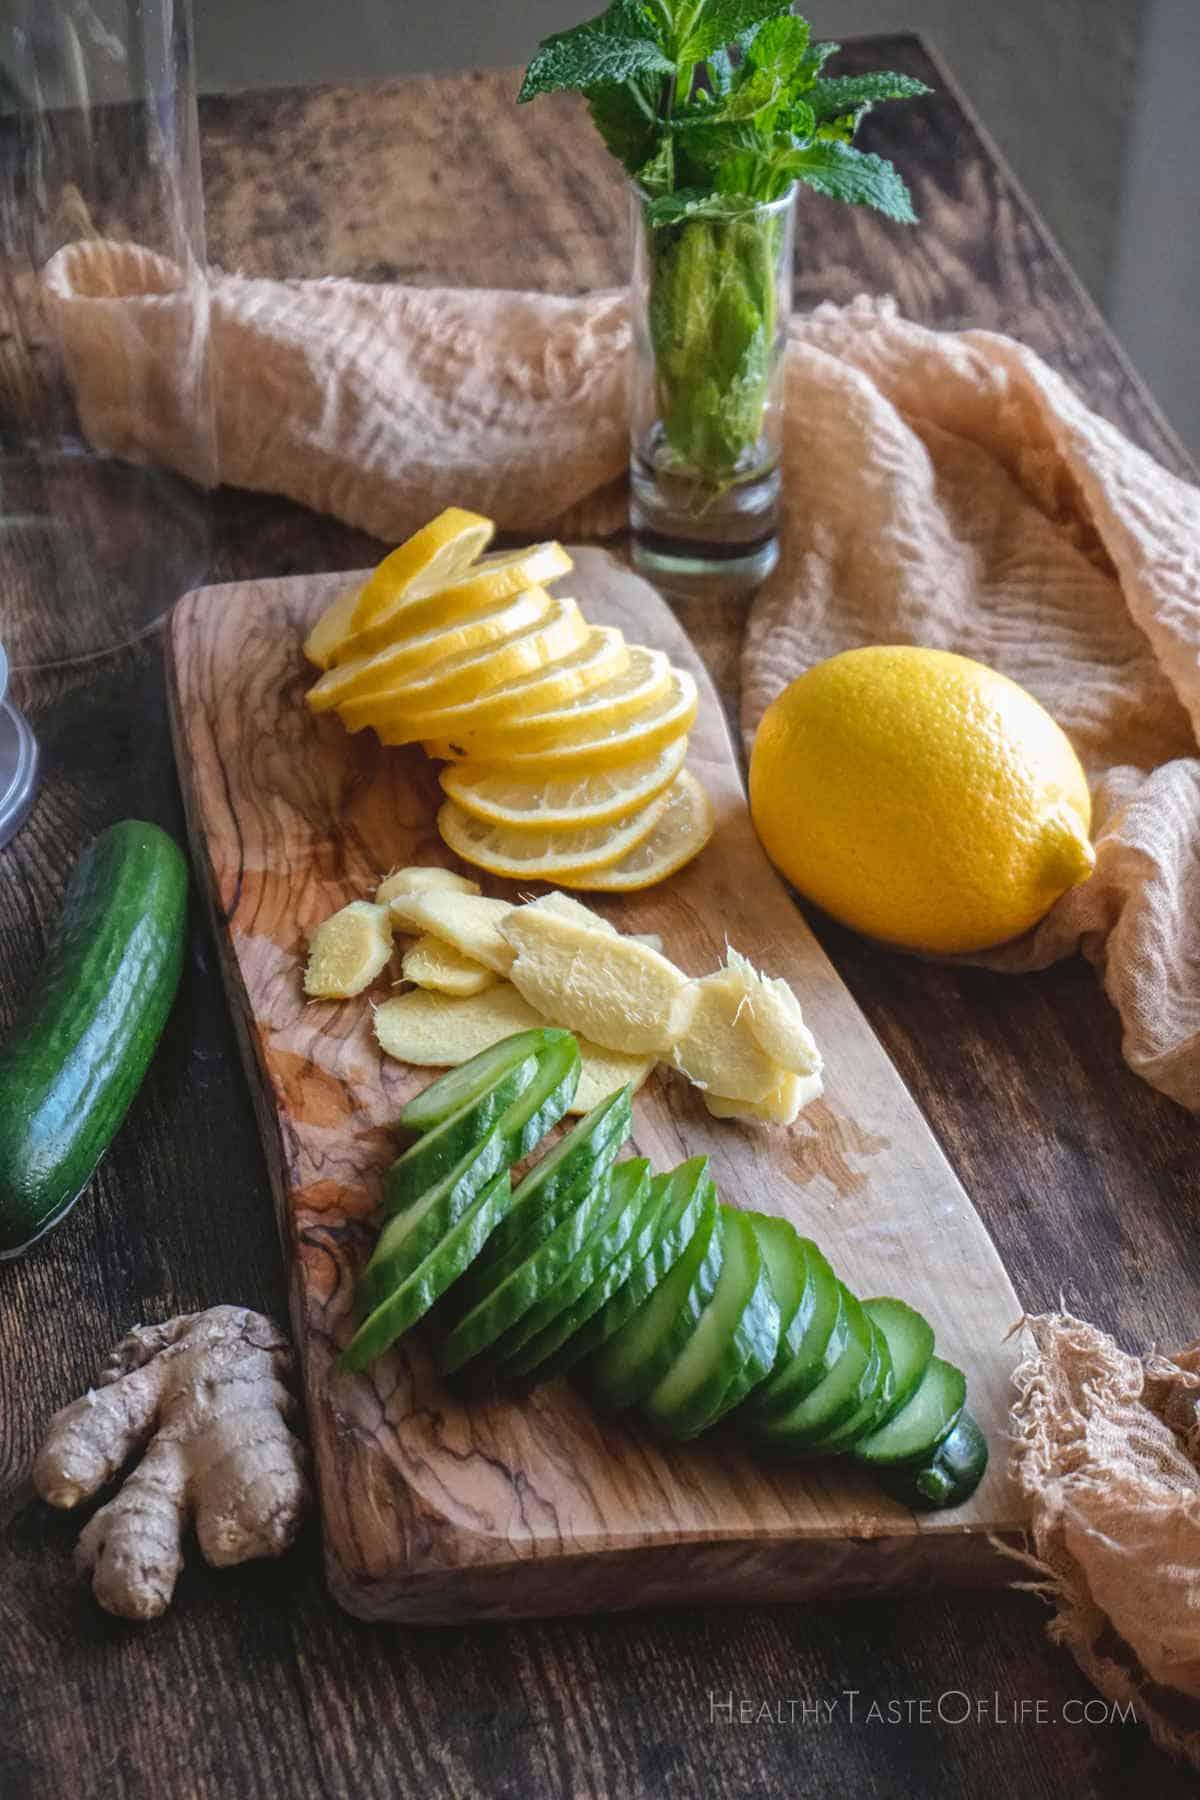 cucumber lemon ginger water ingredients.